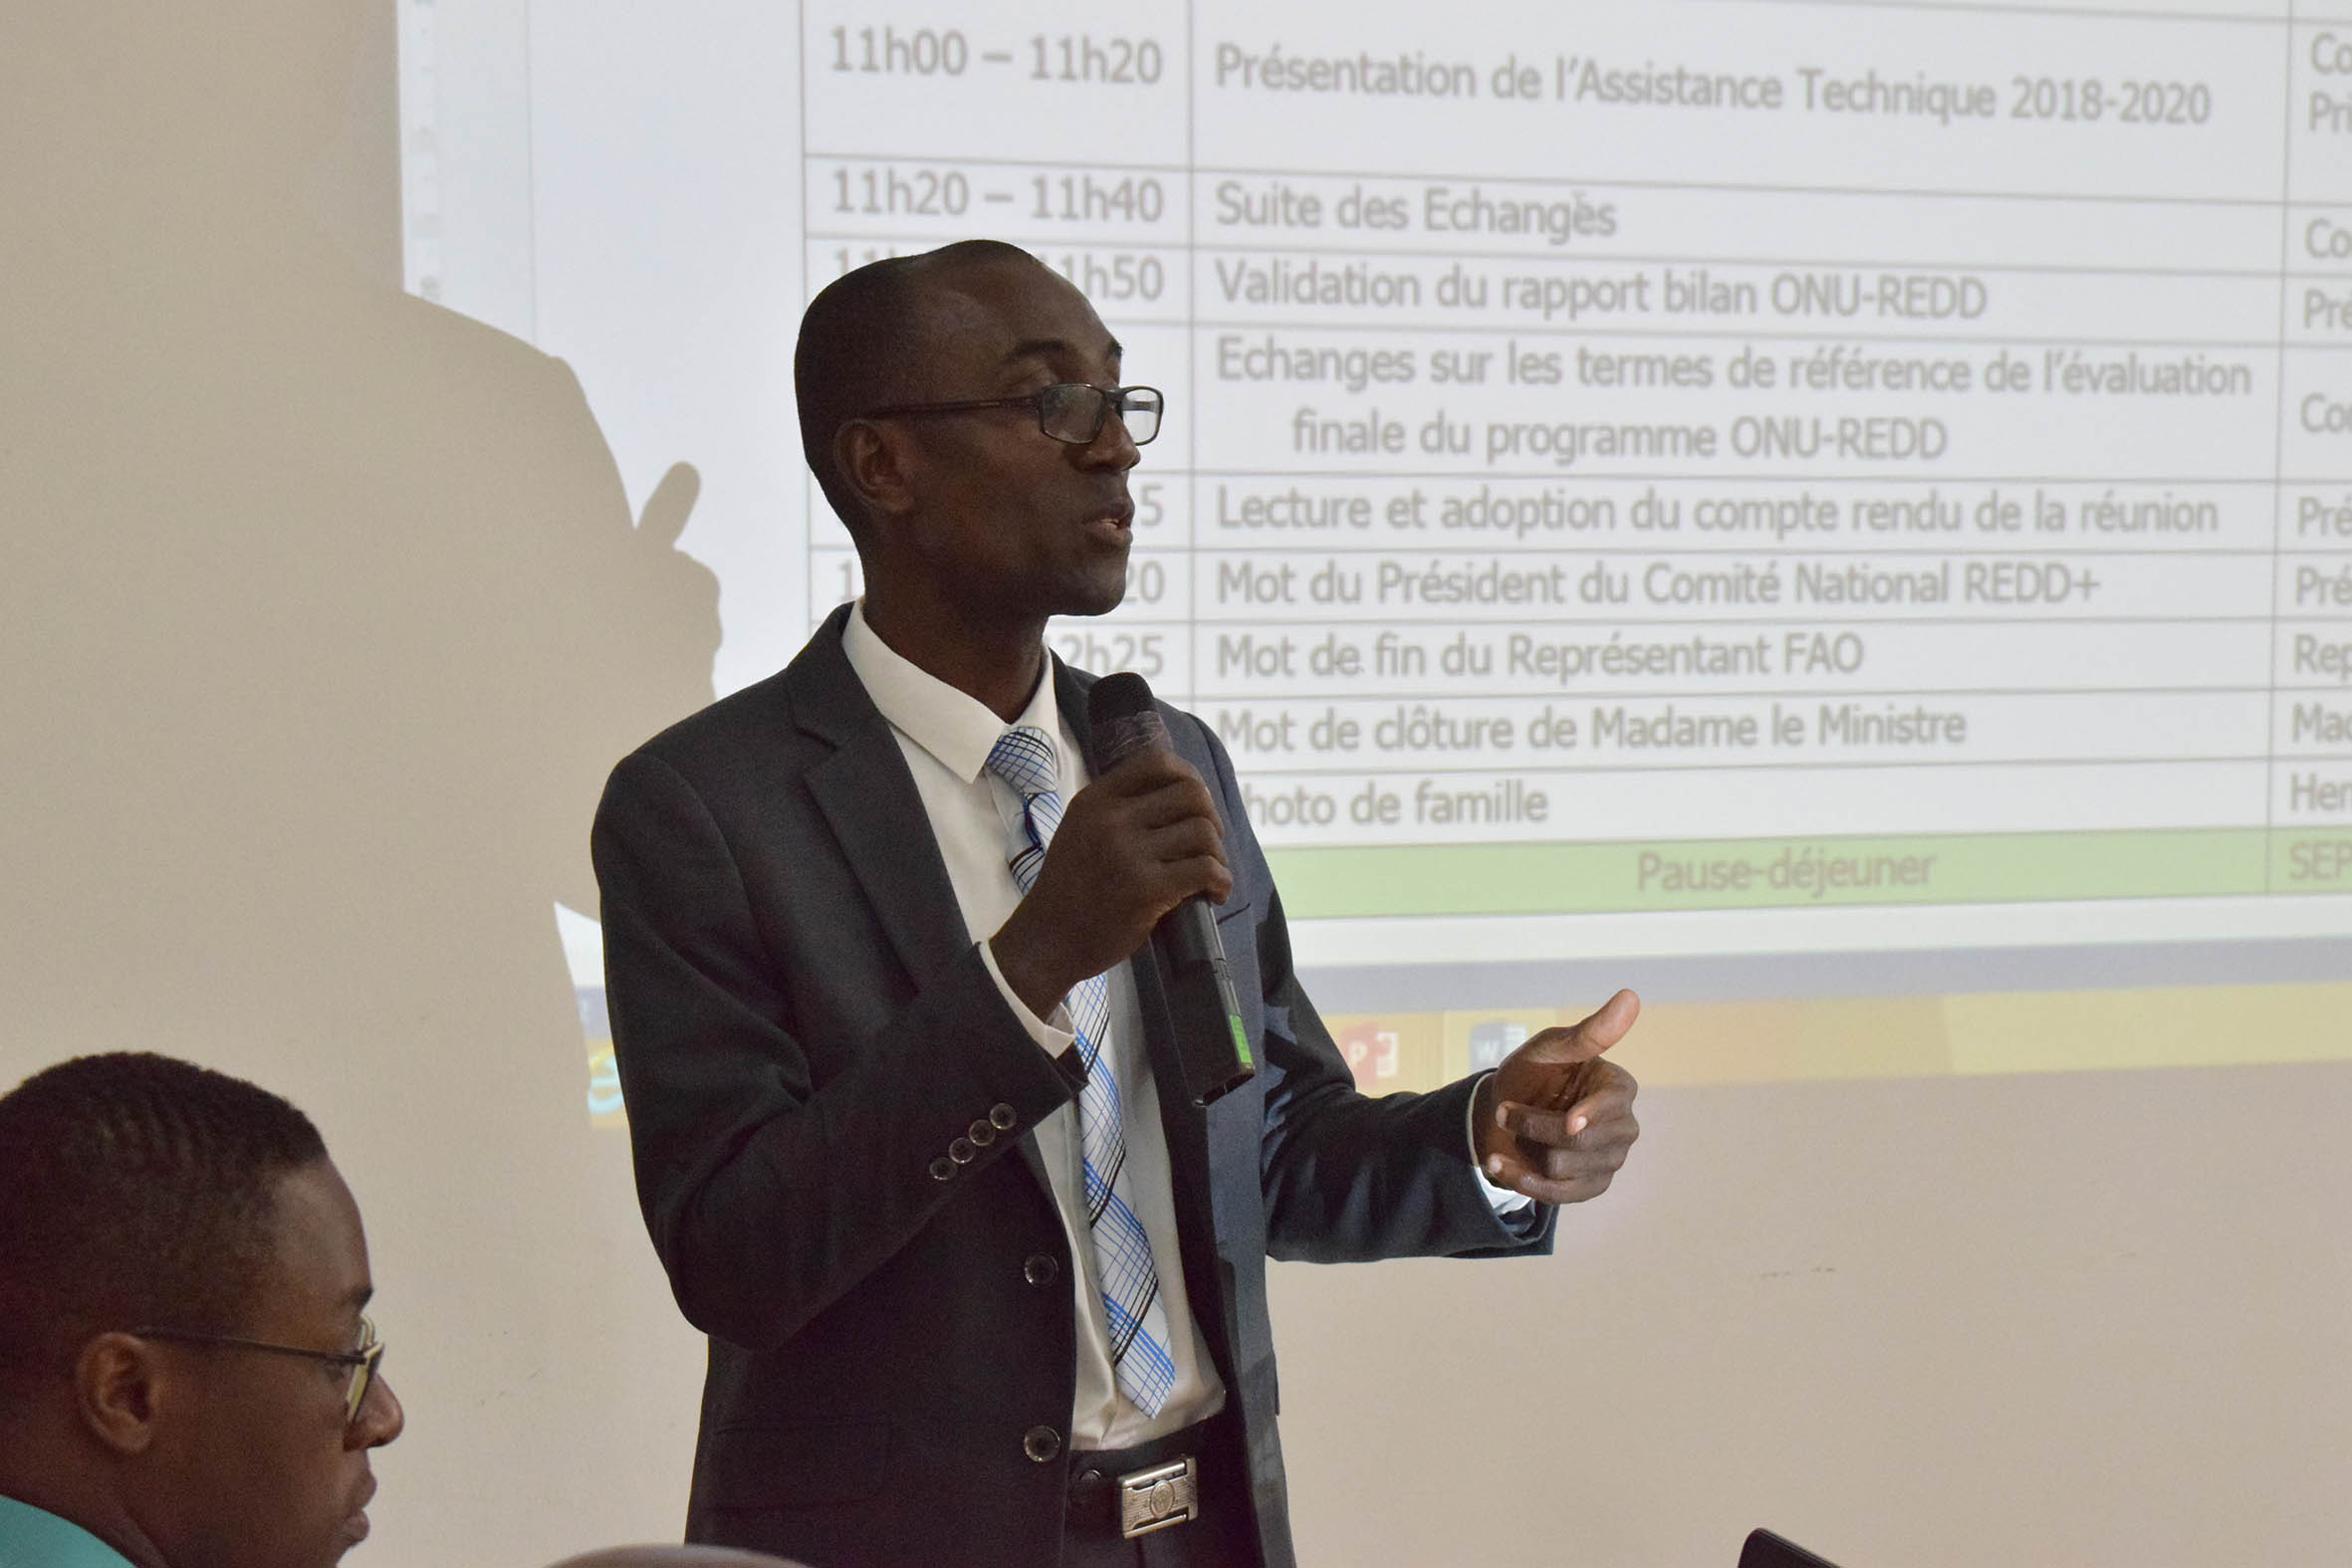 Mécanisme REDD+ : Le Programme National ONU-REDD atteint ses objectifs avec un taux d'exécution honorable